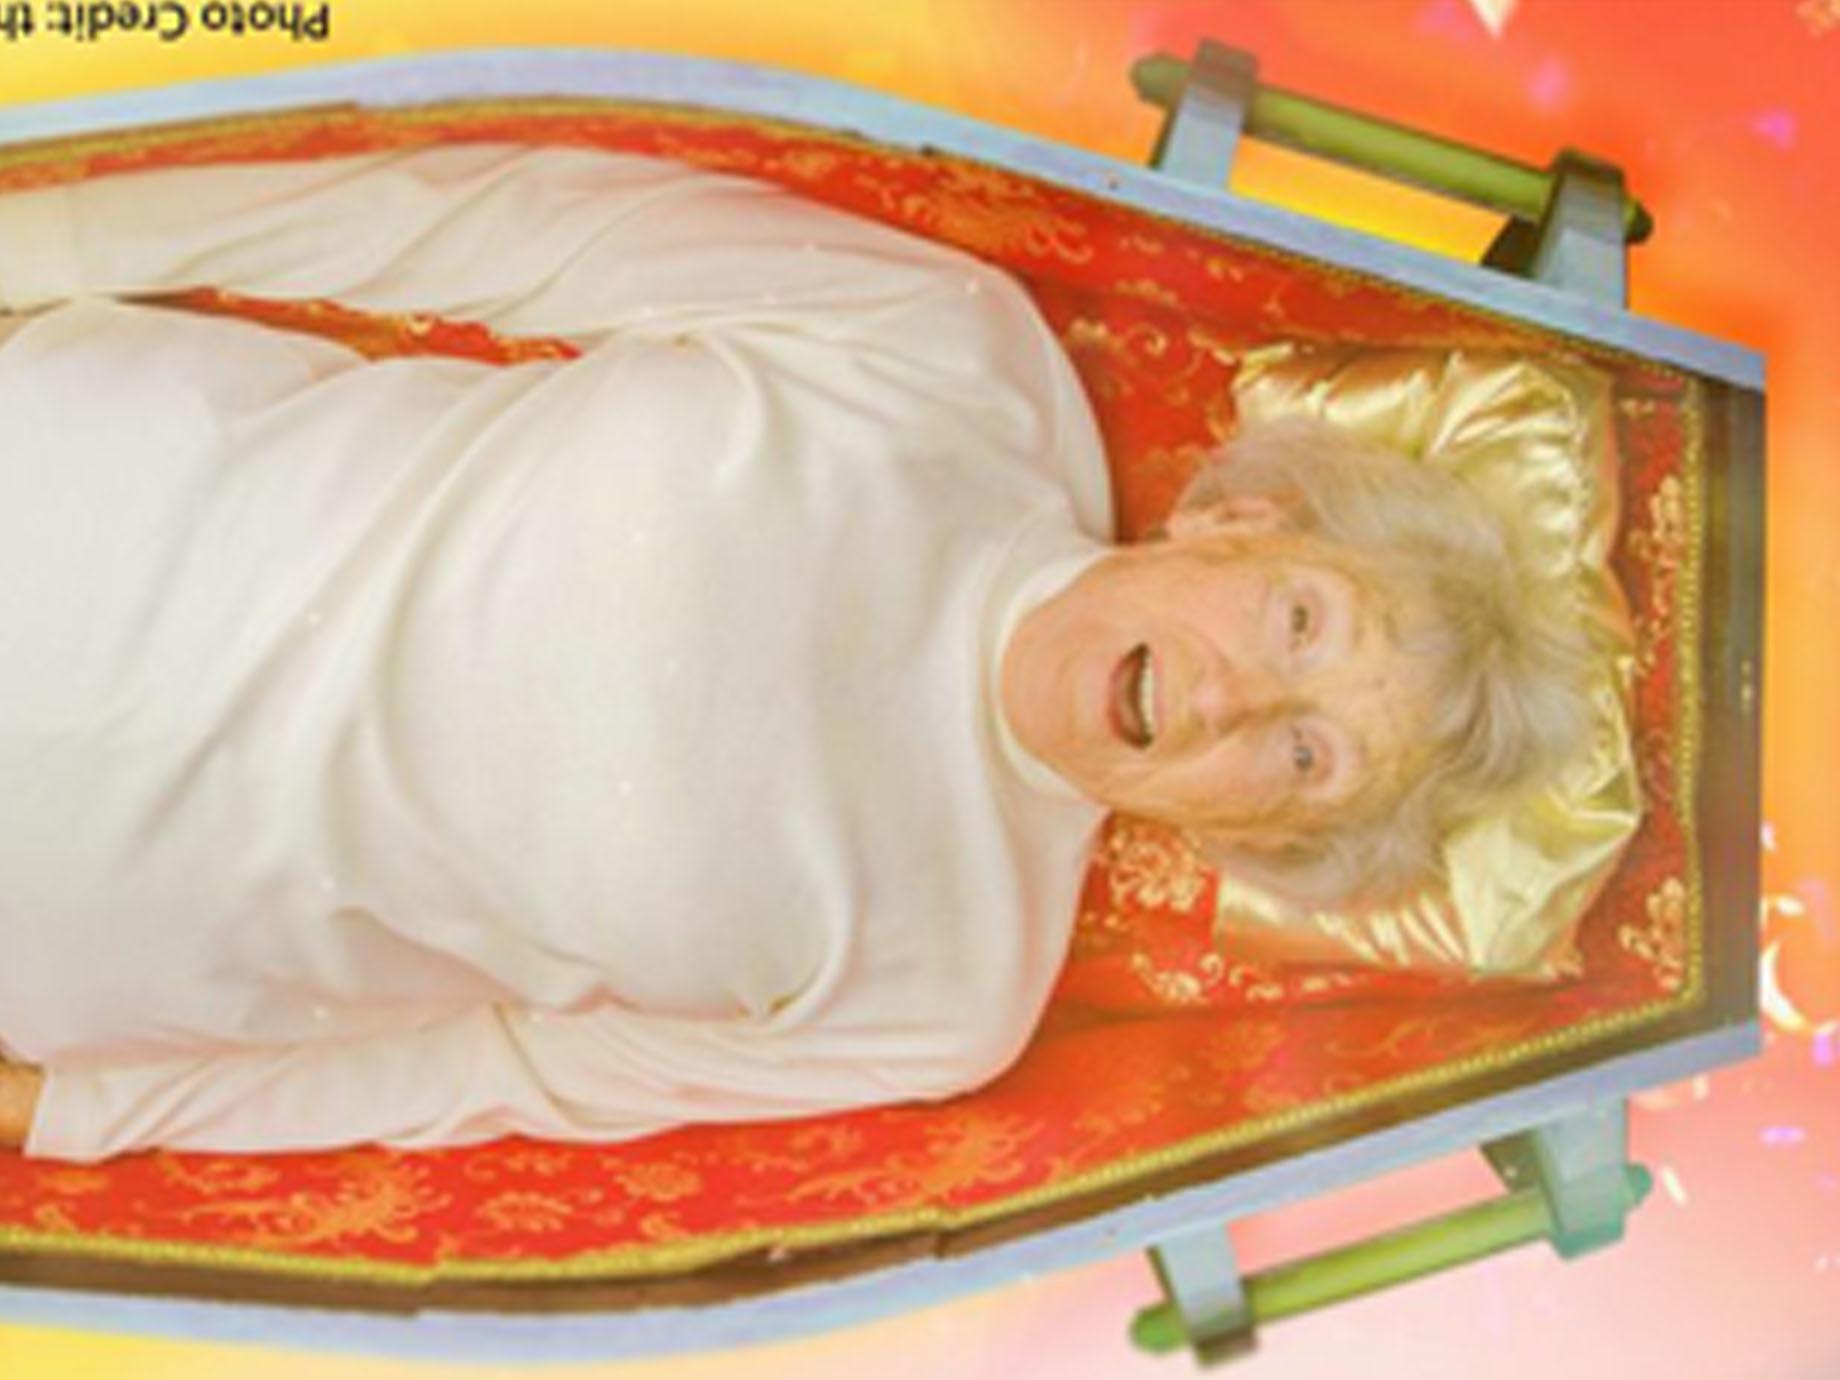 自己的棺材自己做!紐西蘭「棺材俱樂部」逆向操作,與傳統喪葬業開創雙贏局面